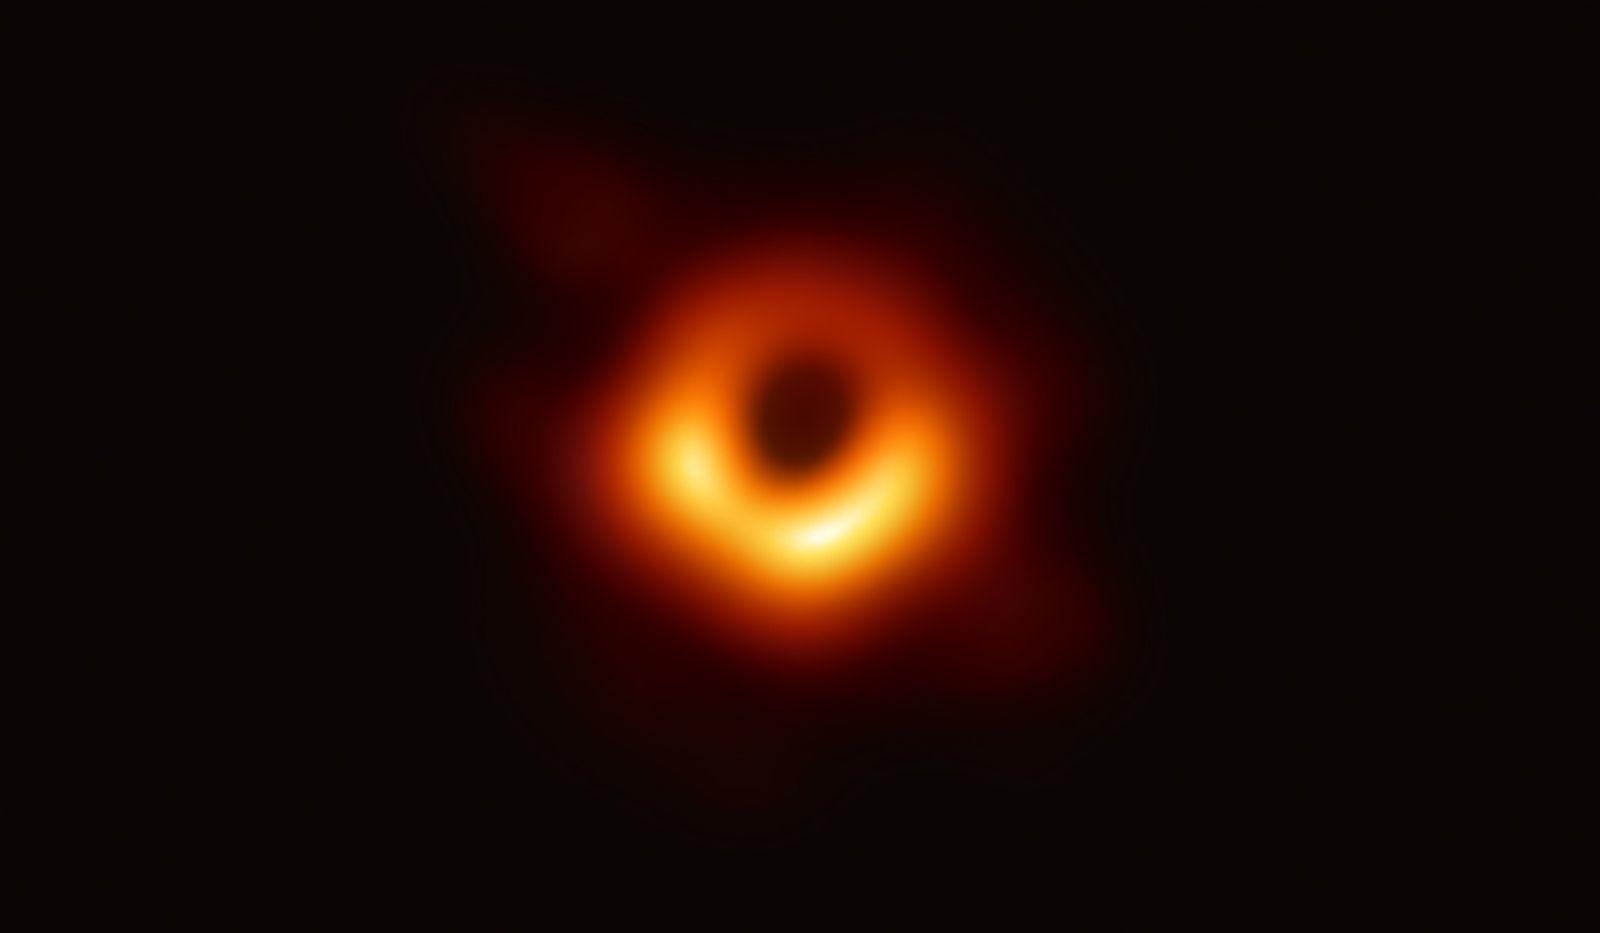 Primeiro registro de buraco negro e nossas outras fotos favoritas do espaço em 2019